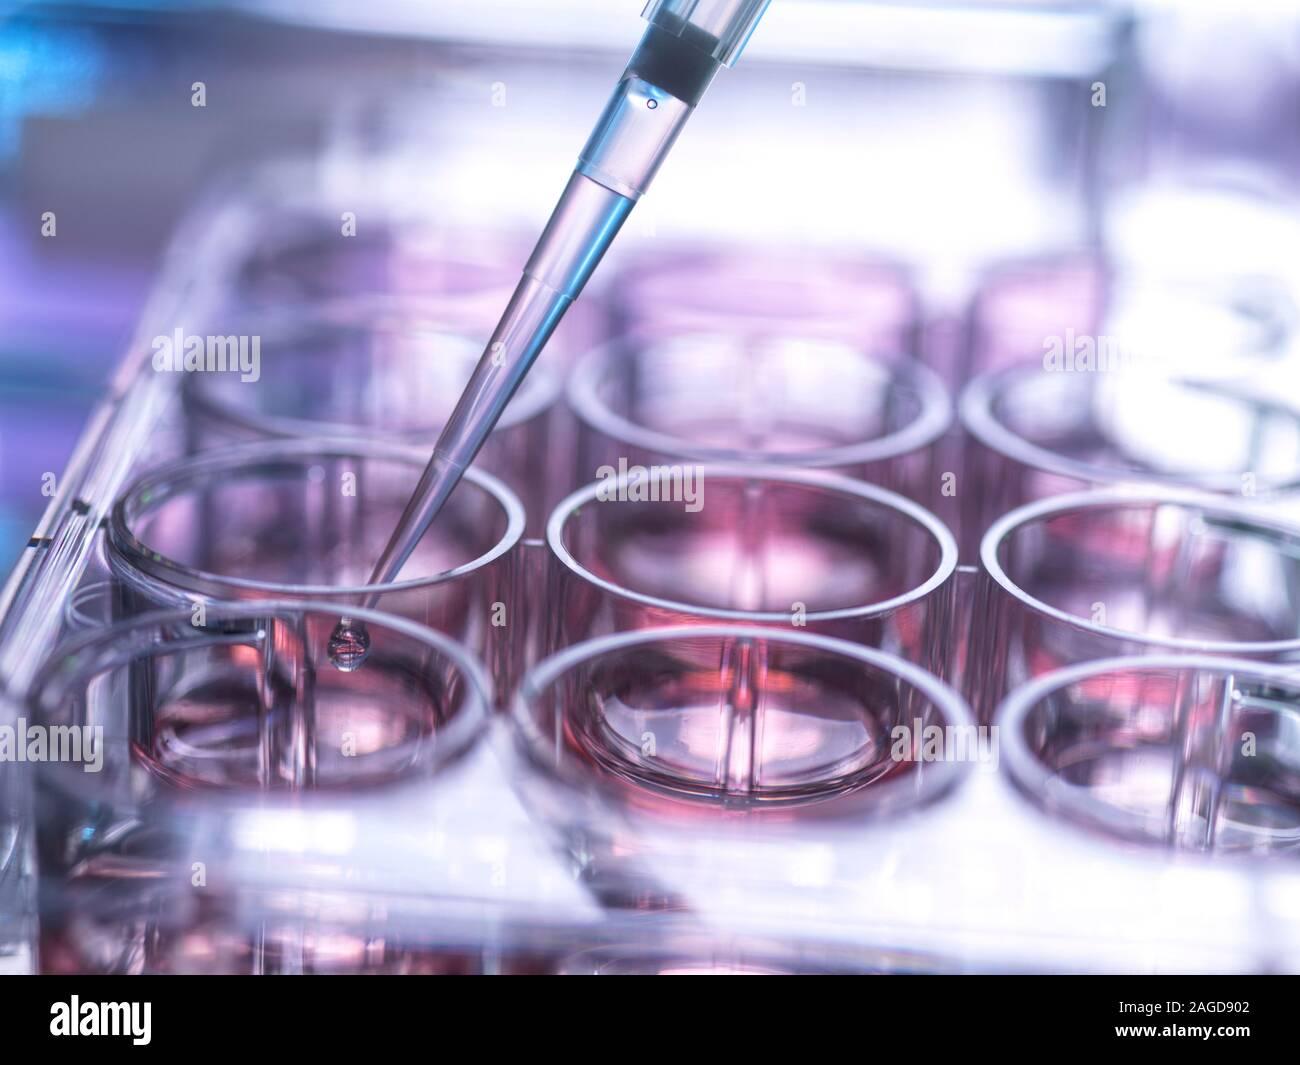 Muestra celular siendo pipetted en multi y placa que contiene un medio de crecimiento en laboratorio Foto de stock